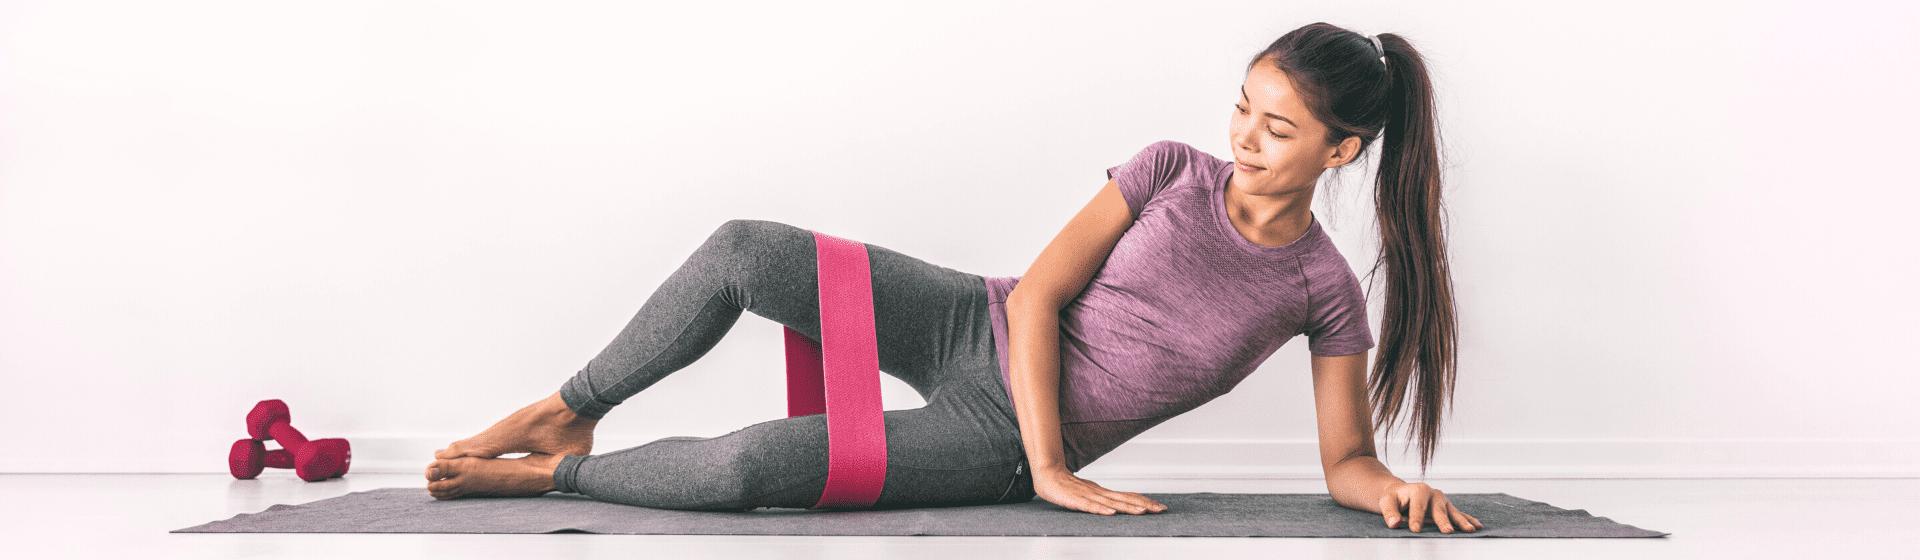 Elástico para musculação: benefícios e modelos para usar no treino